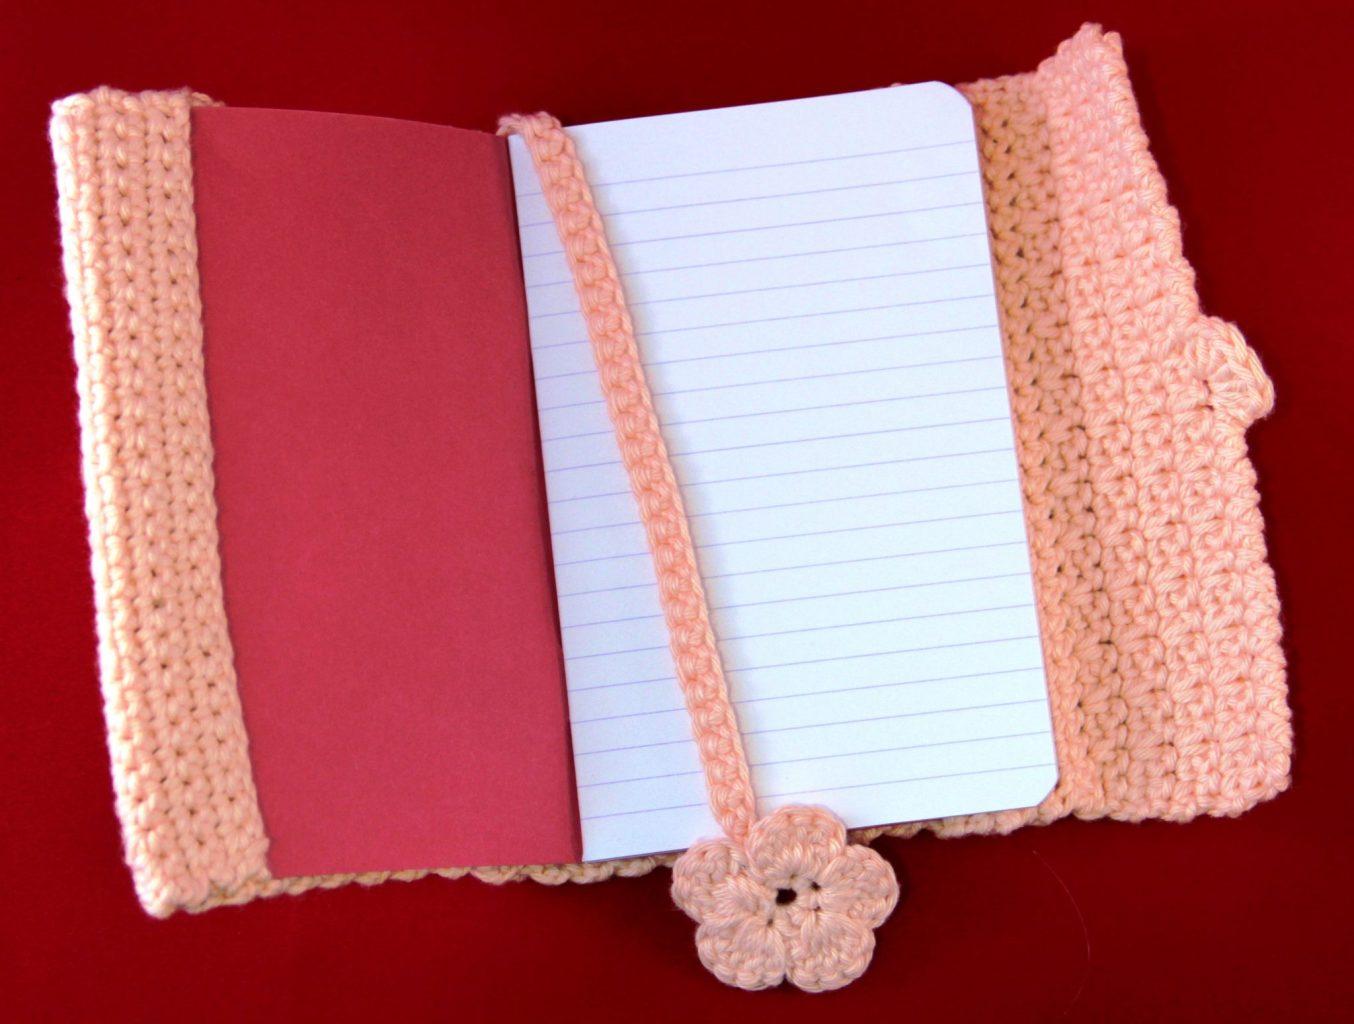 Gratis haakpatroon voor een boekenlegger | De vrolijke roze vlinder